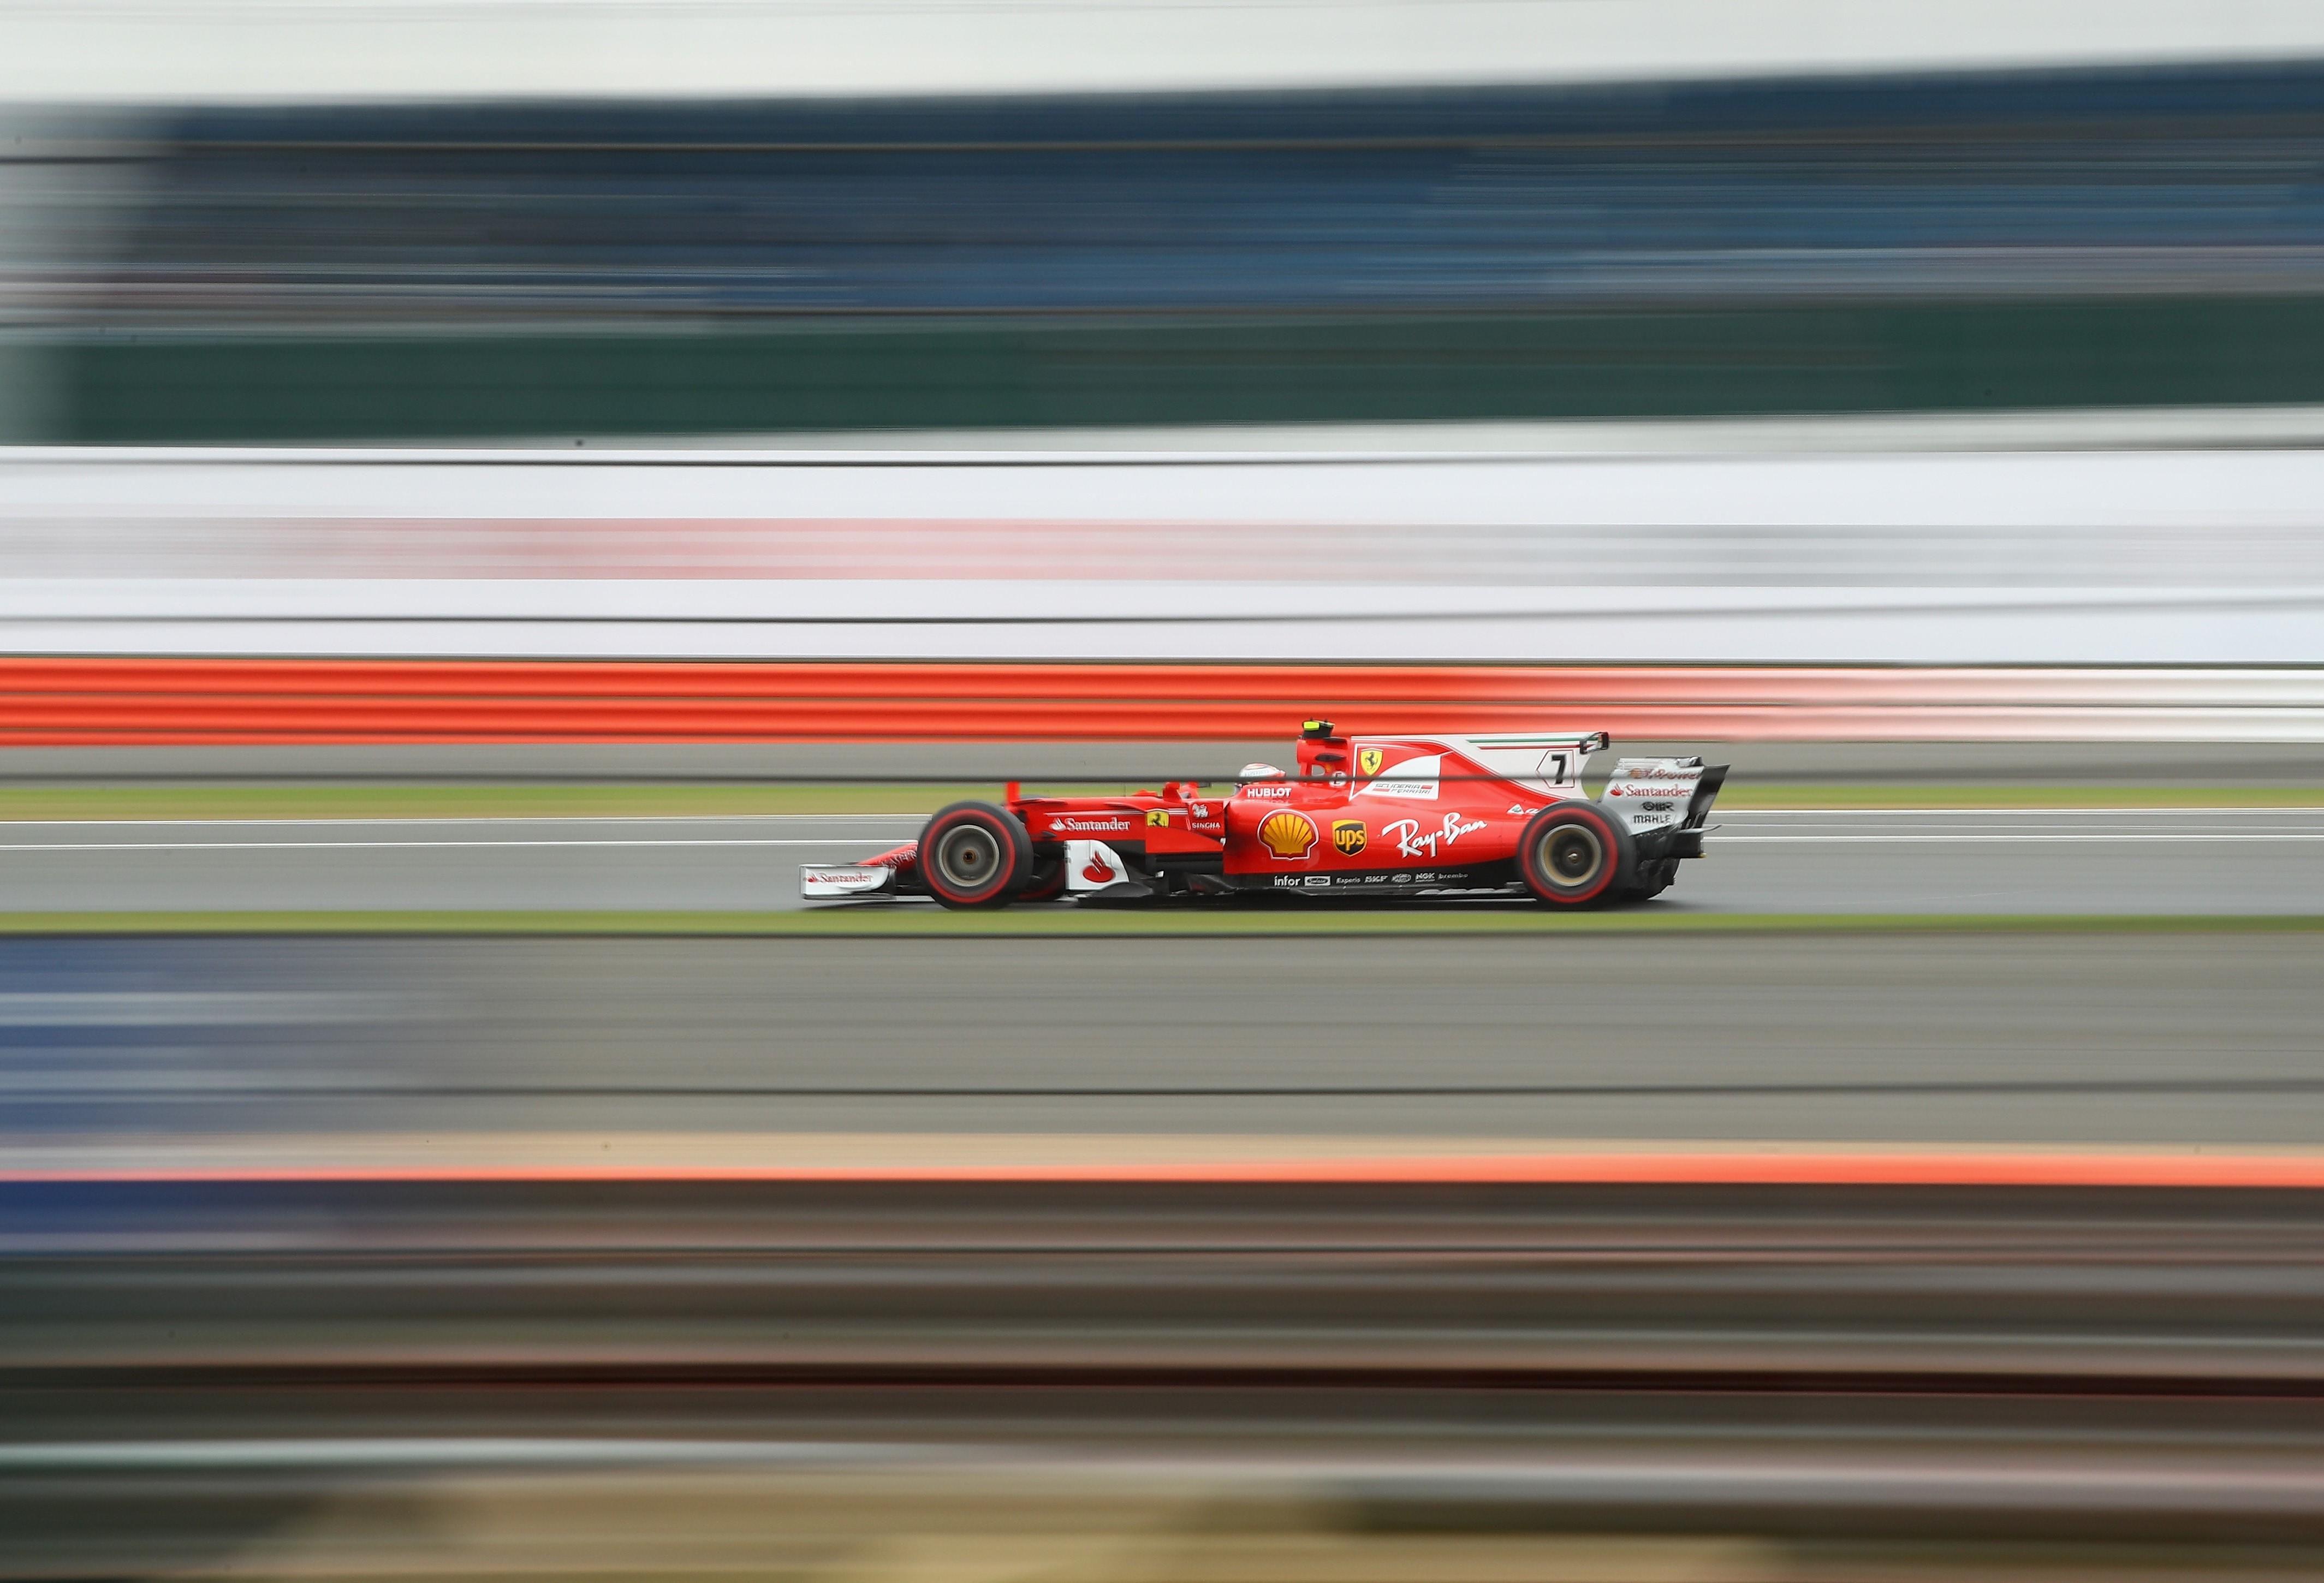 Kimi Räikkönen (Ferrari) au Grand Prix de Grande-Bretagne 2017